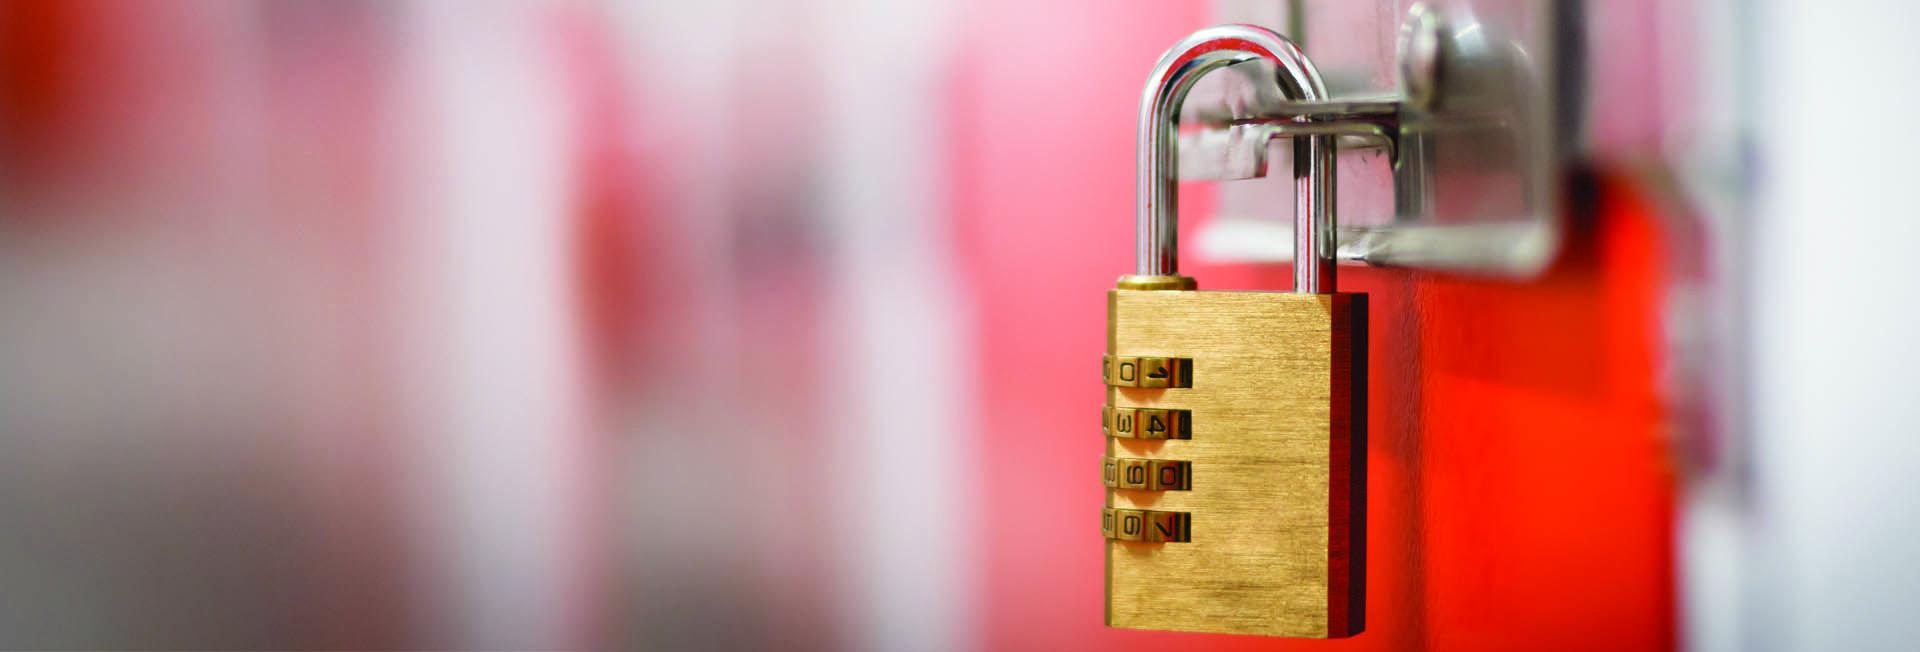 We Secure Your Belongings Affordable Storage Locker Storage Self Storage